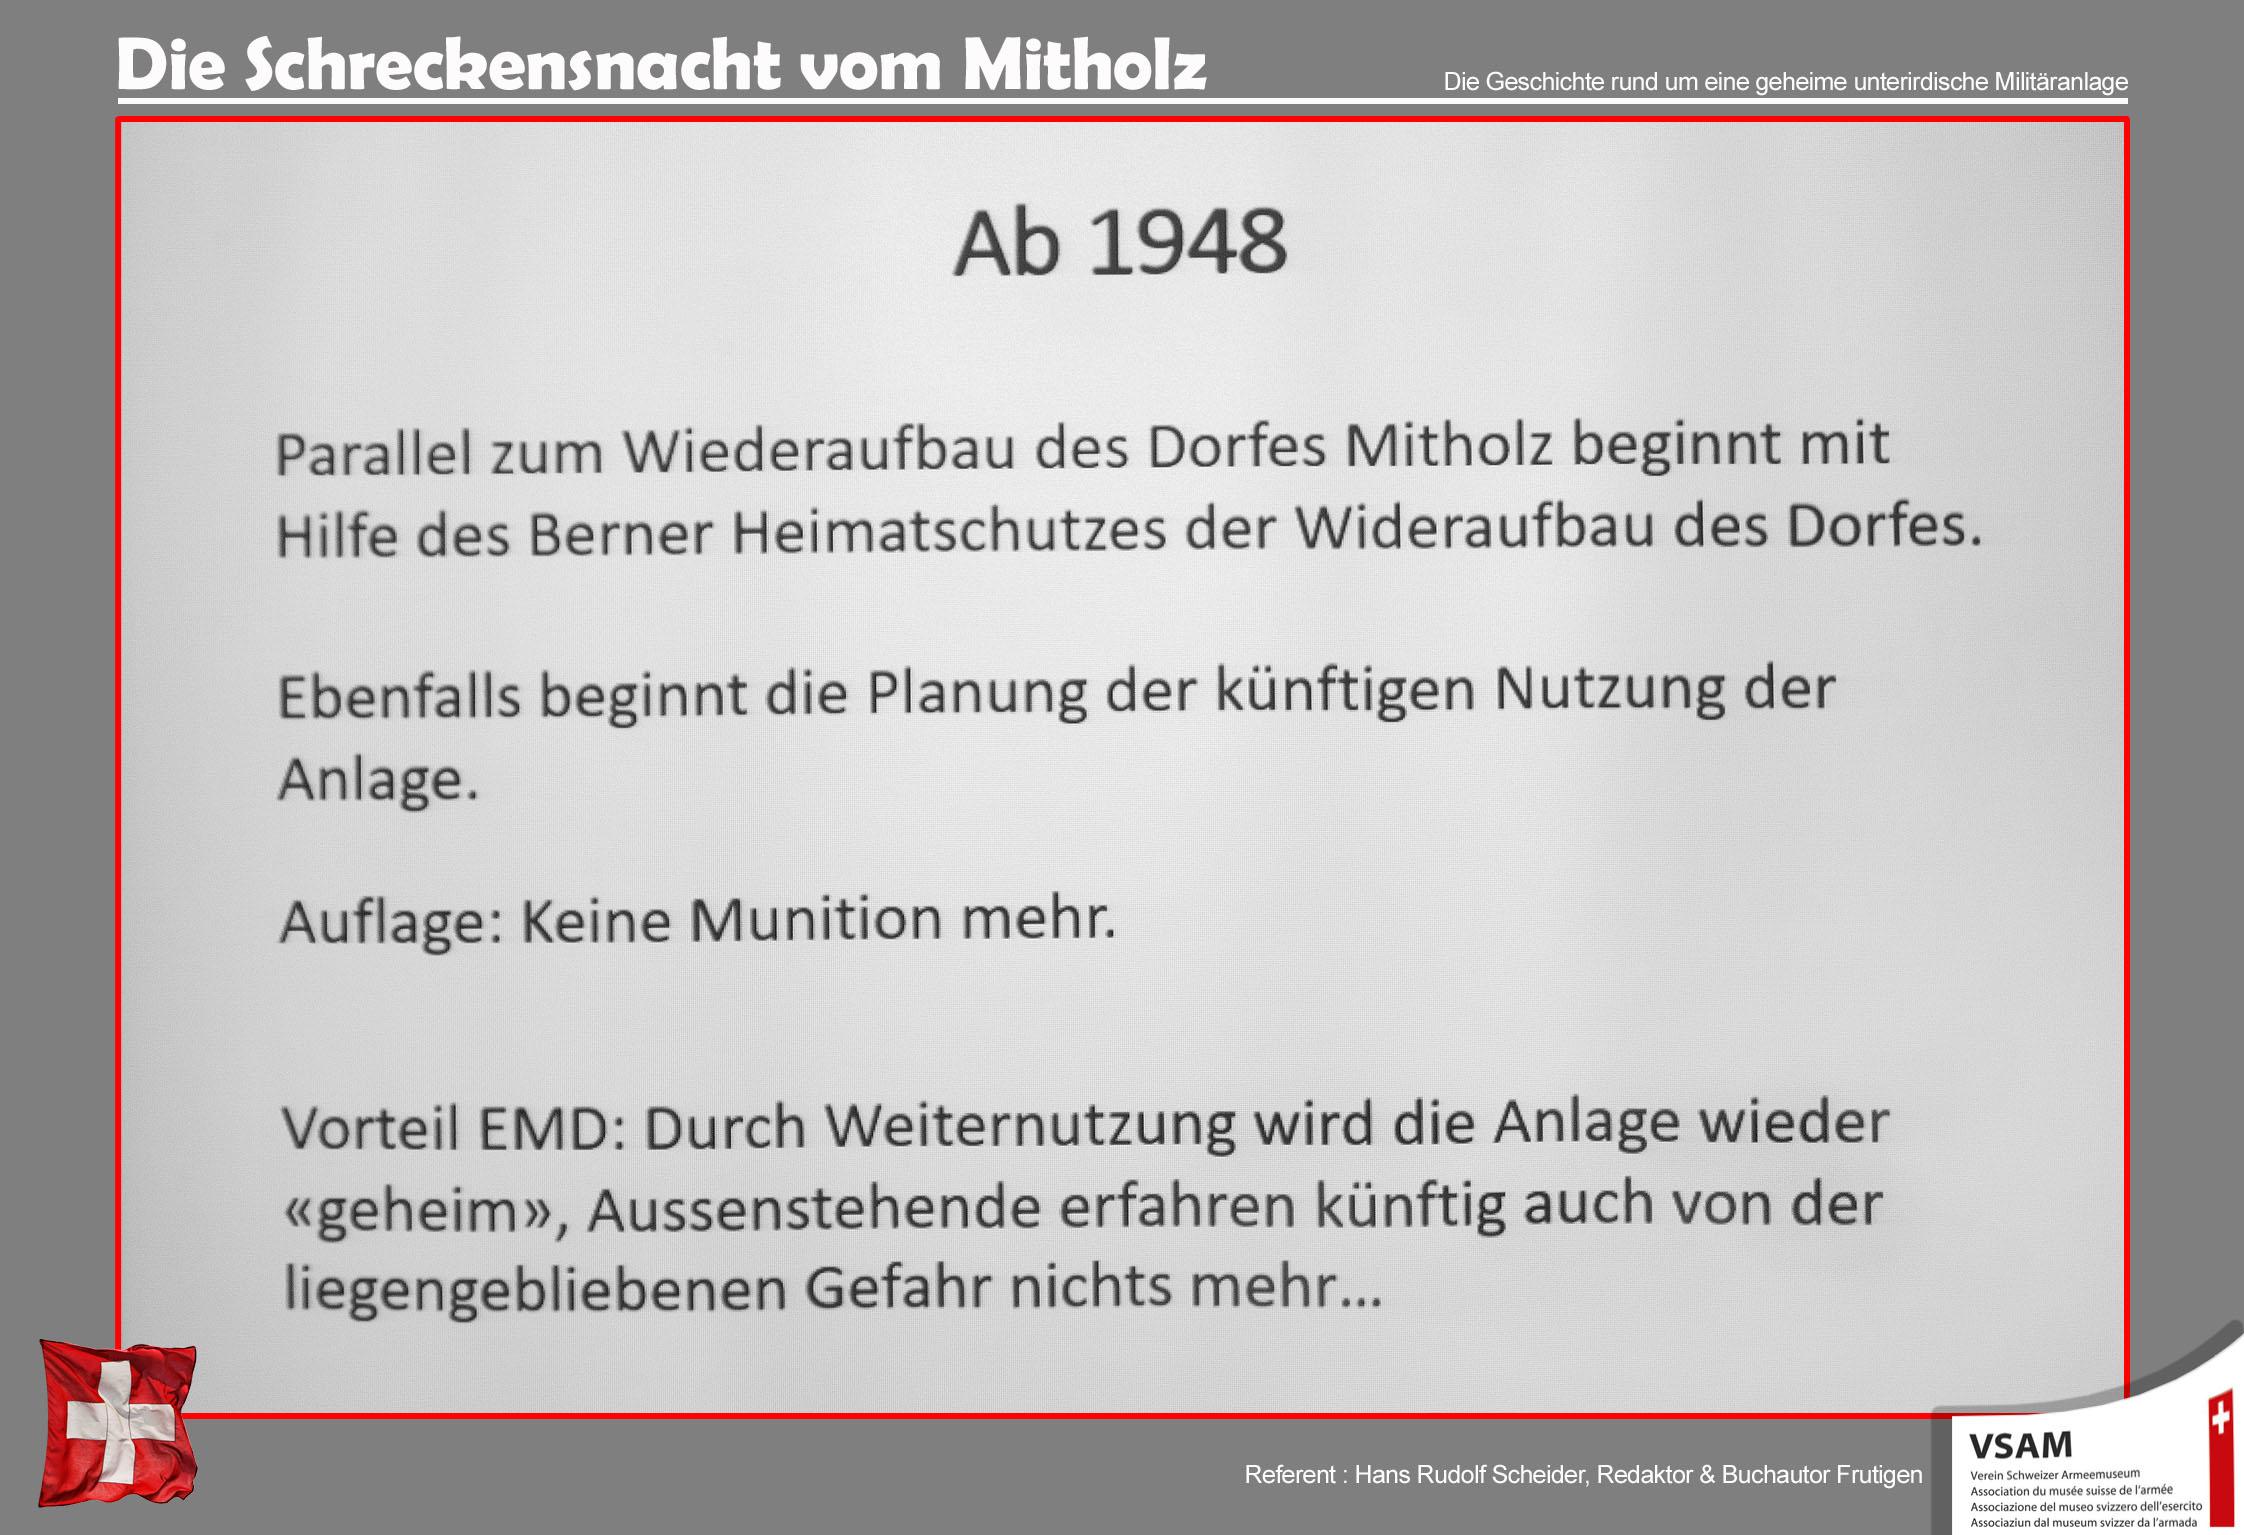 Was hat die Armee in Mitholz gemacht?